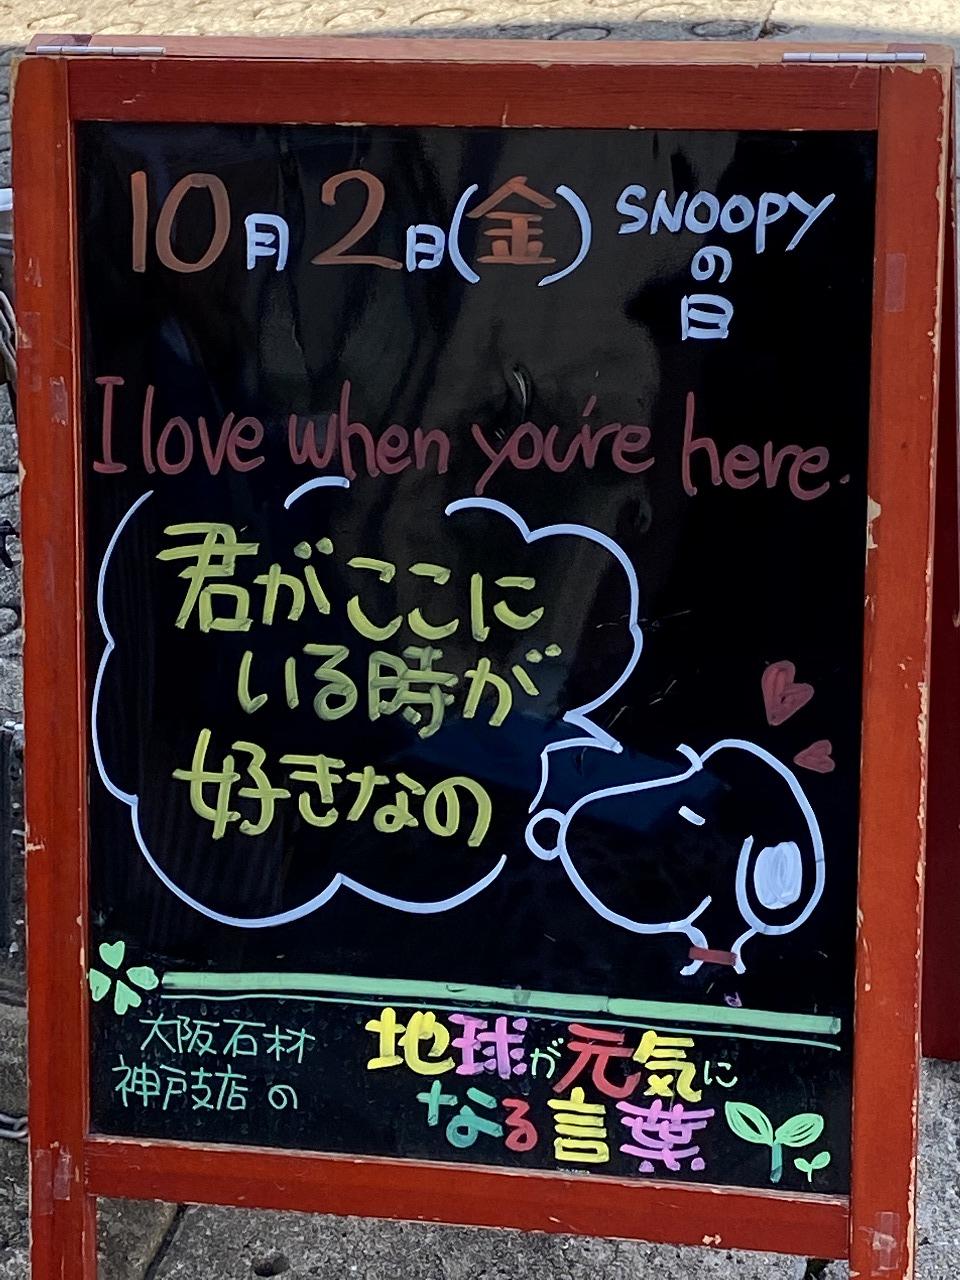 神戸の墓石店「地球が元気になる言葉」の写真 2020年10月2日